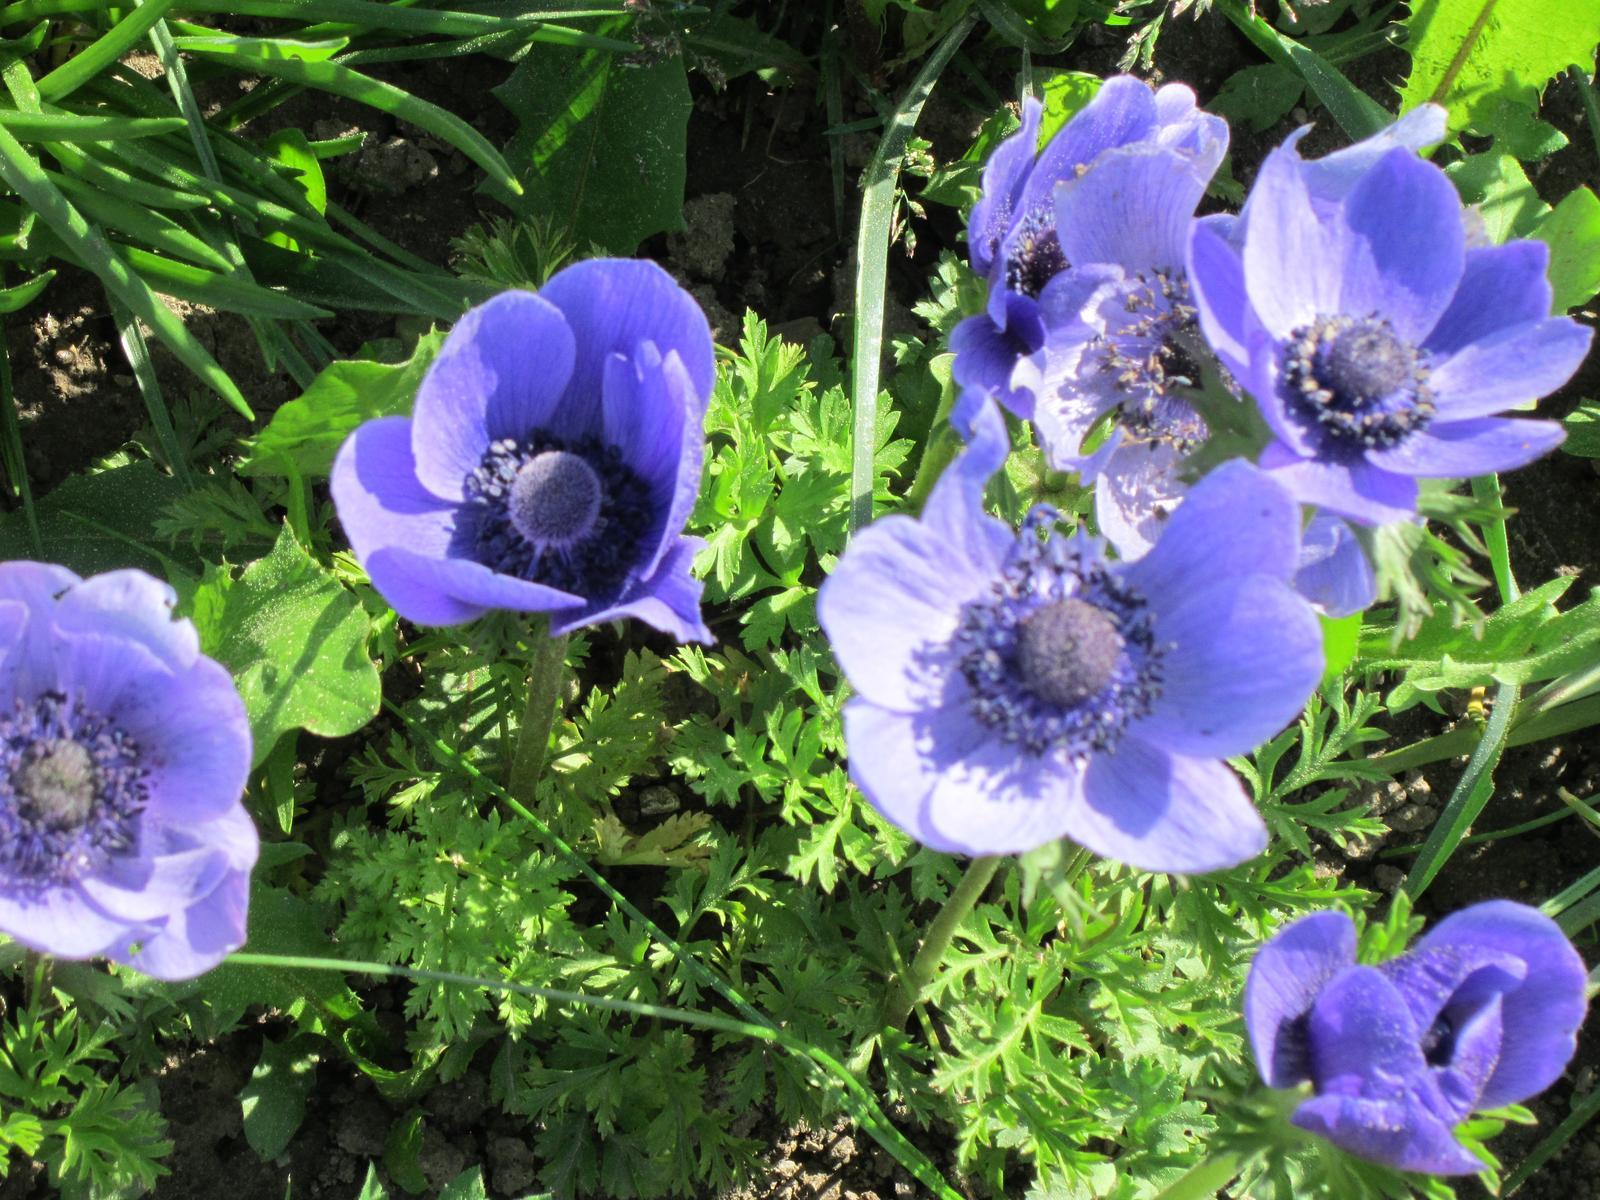 Pozvanie do našej jarnej záhrady - Anemonky vždy potešia svojou krásou...